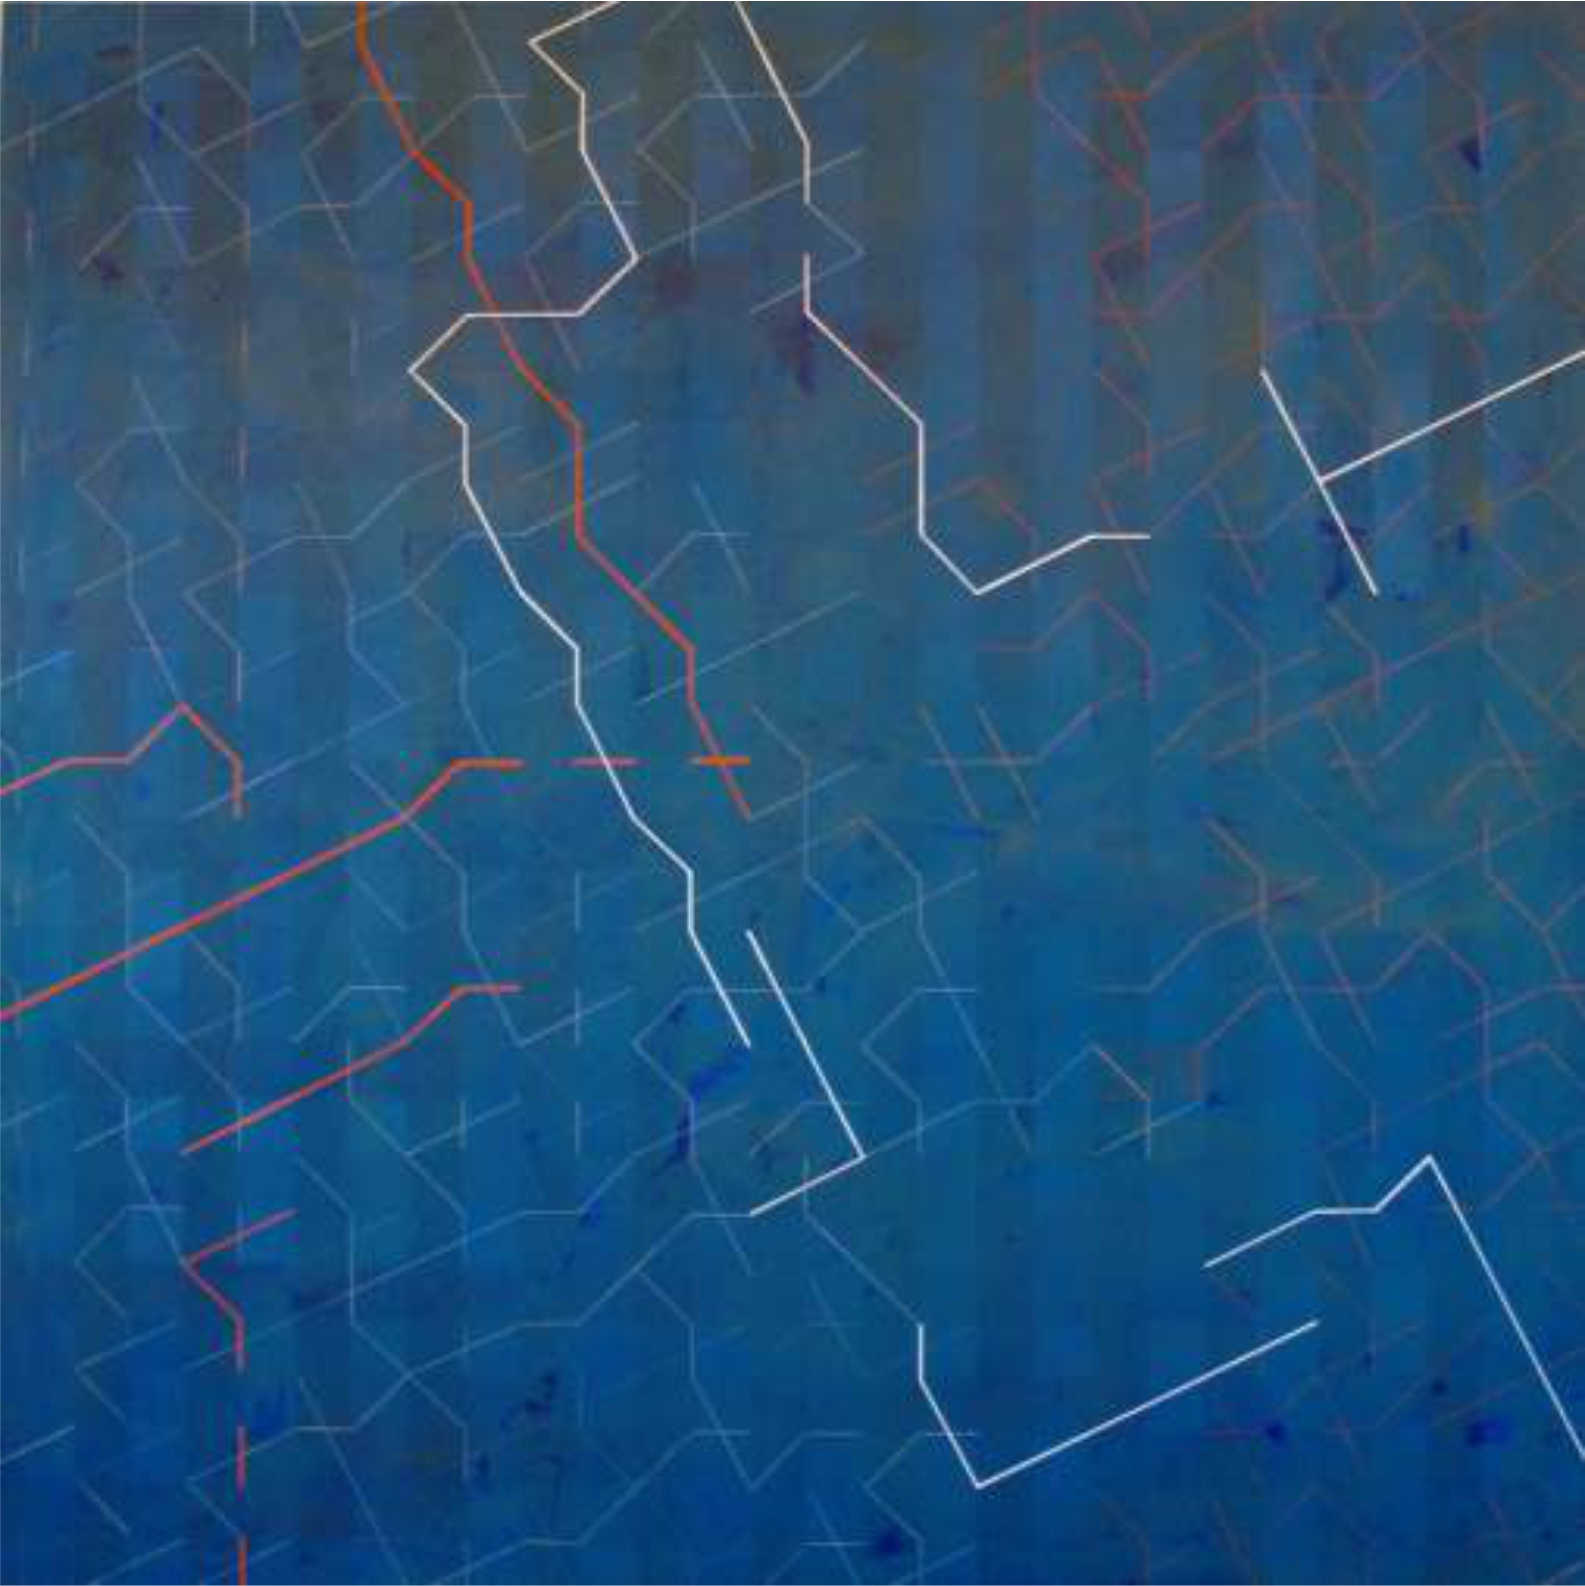 Desconfiguración B 140x140 cm. Pintura sobre tela.